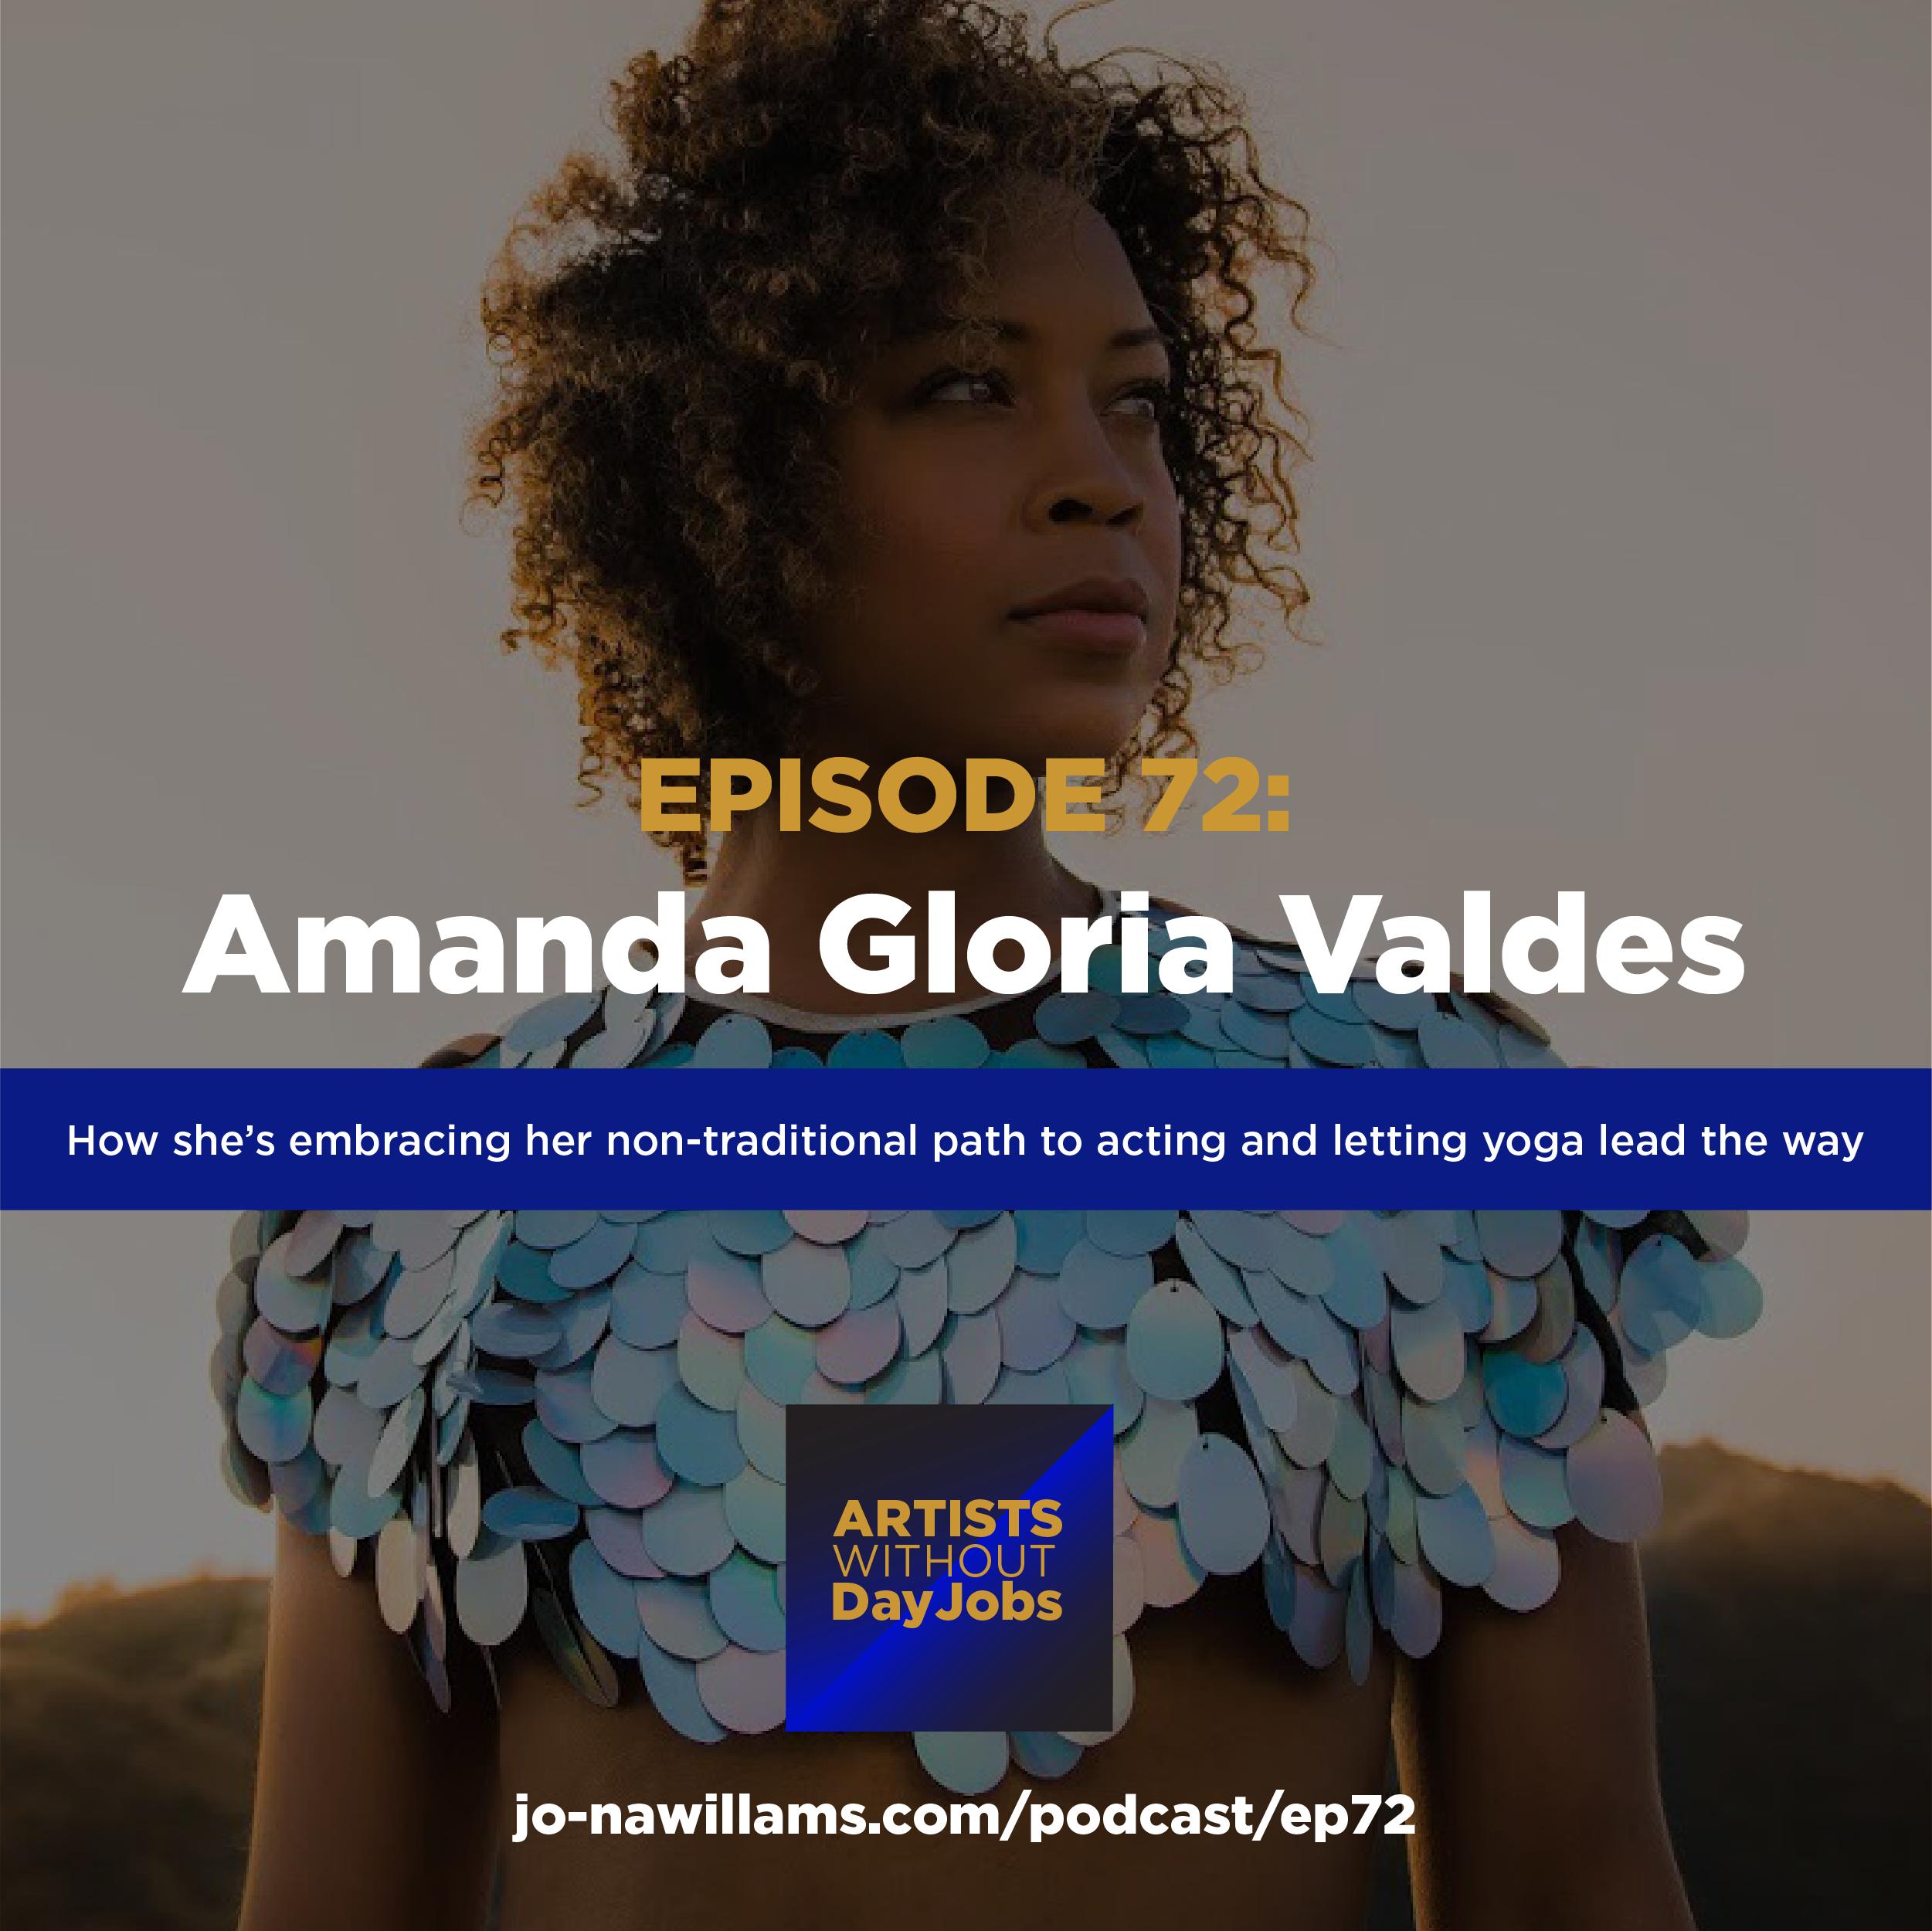 Ep 72: Creating a non-traditional path to acting through yoga w/ Amanda Gloria Valdes